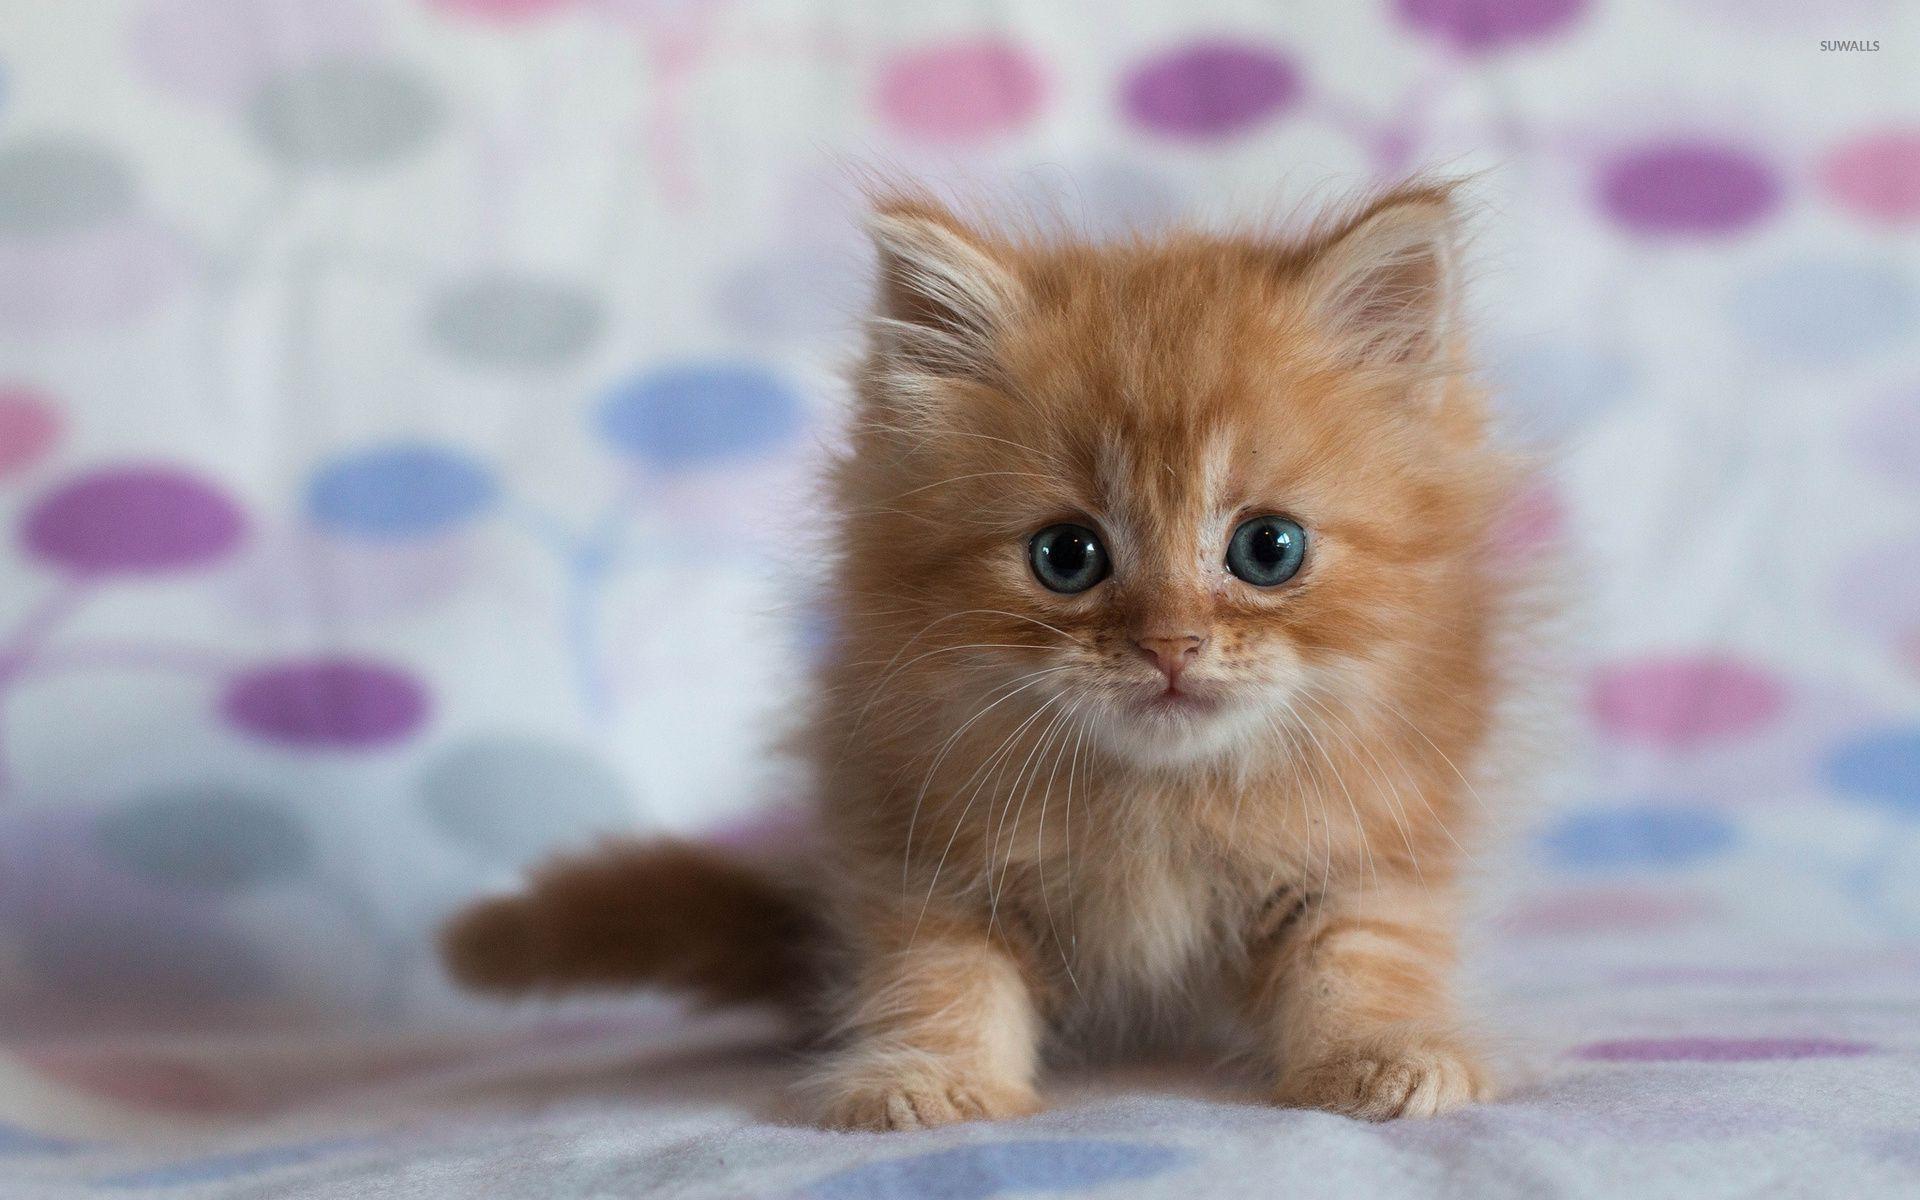 Fluffy Kitten Backgrounds Kitten Pictures Kittens Cutest Baby Kittens